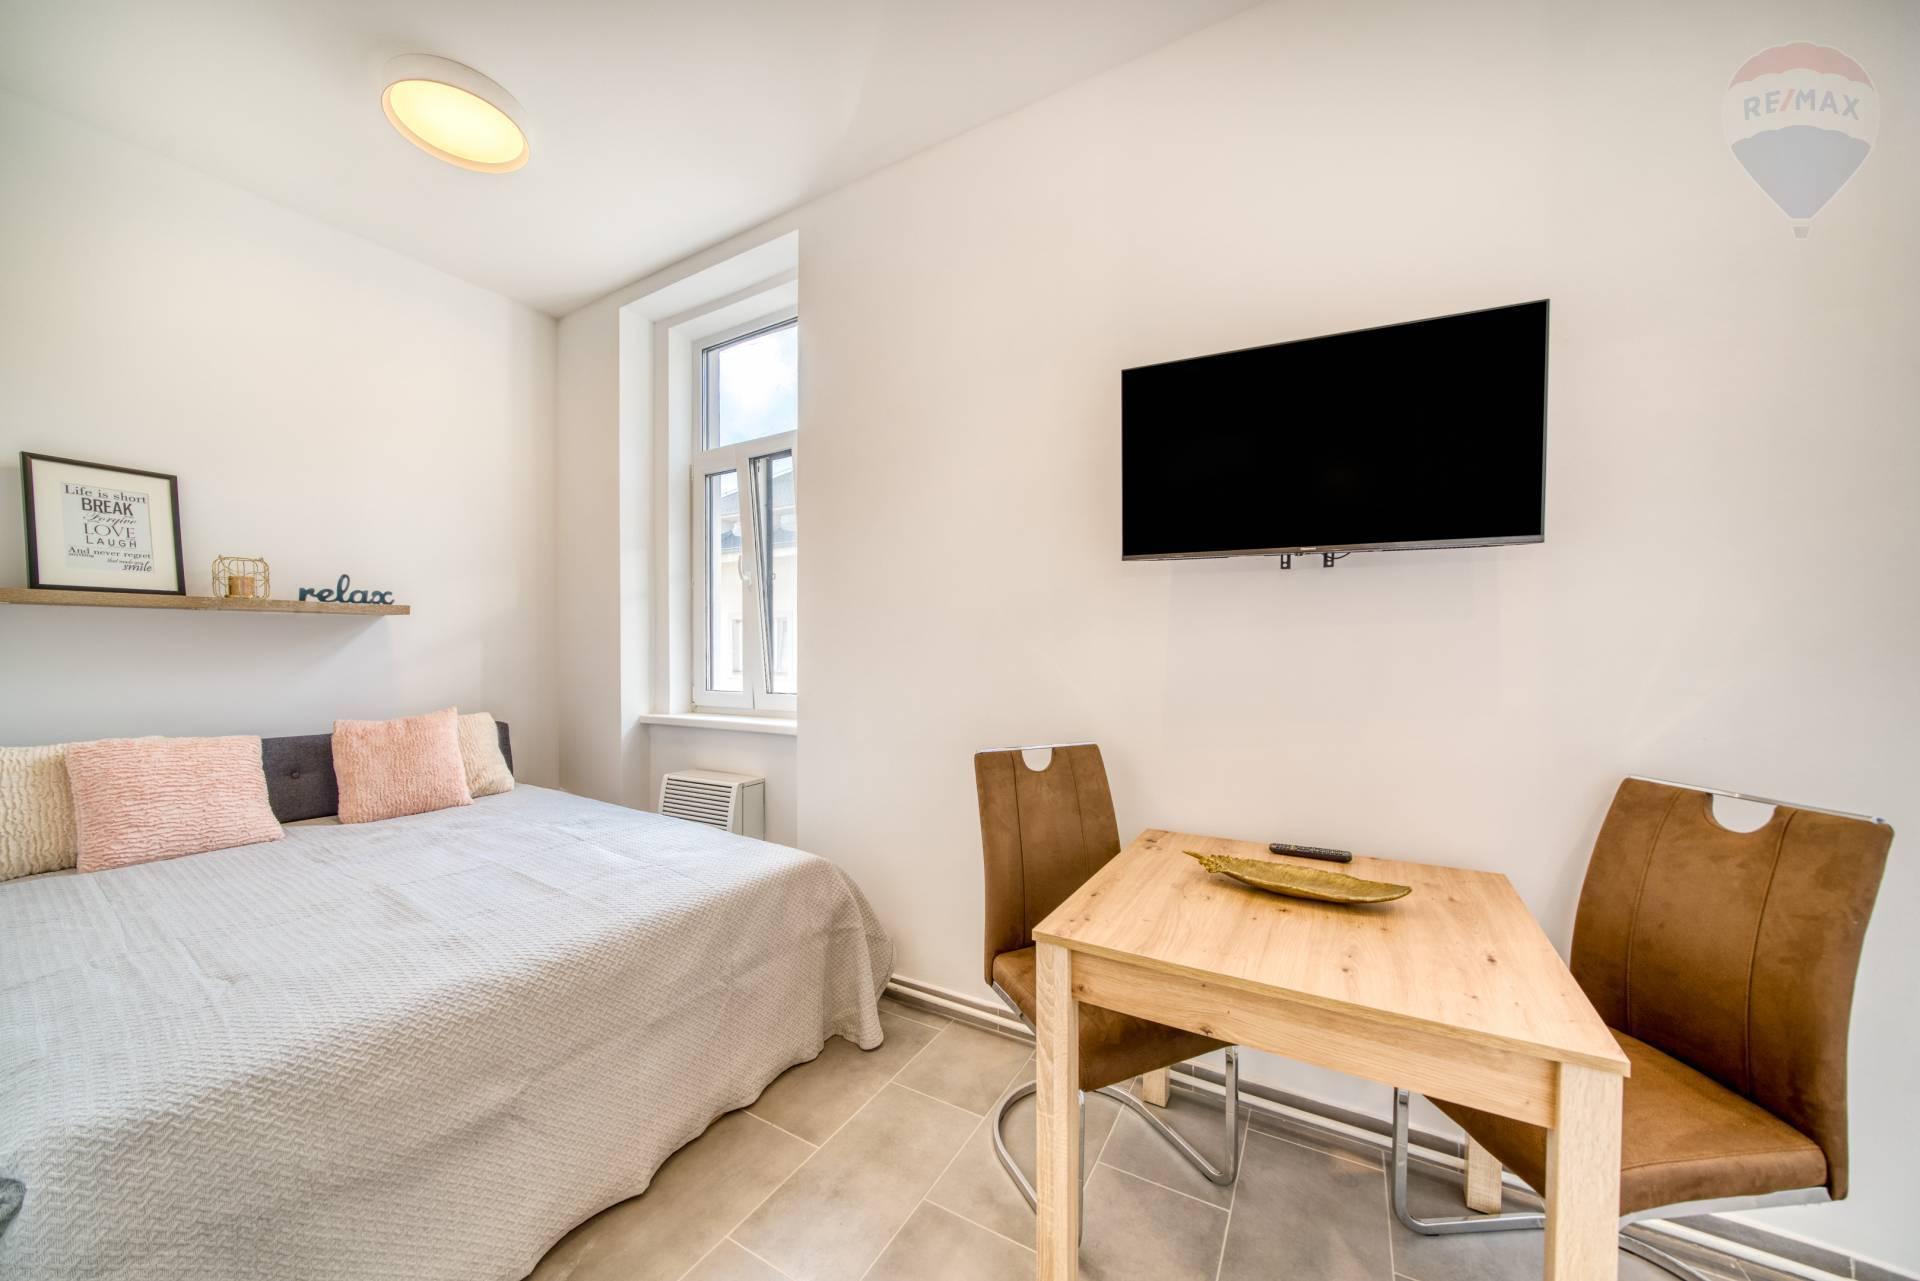 Moderný, kompletne zariadený 1 izbový byt na prenájom, Weberova ulica, Prešov